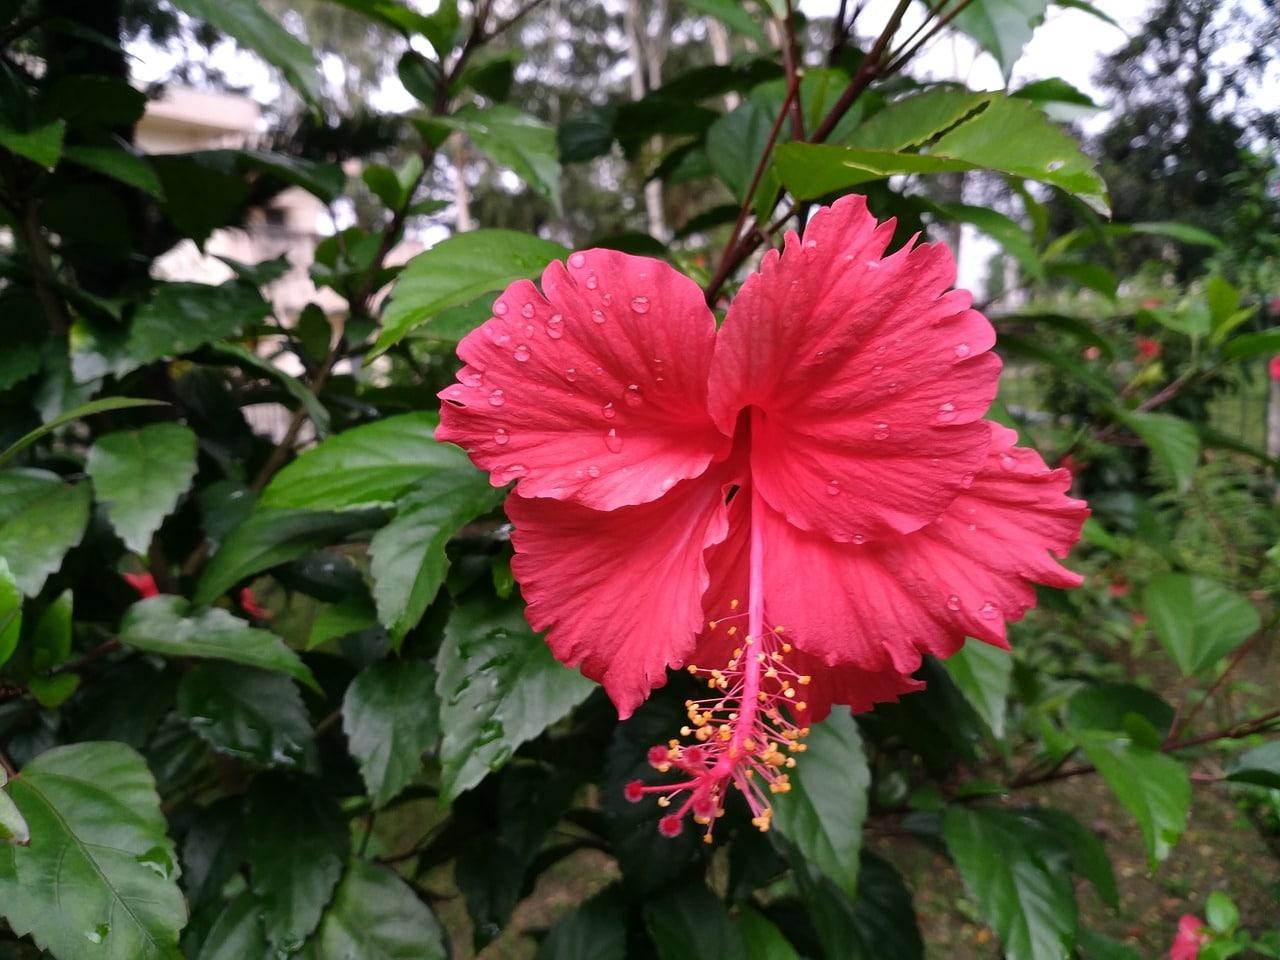 La rosa de China es un arbusto de hoja perenne